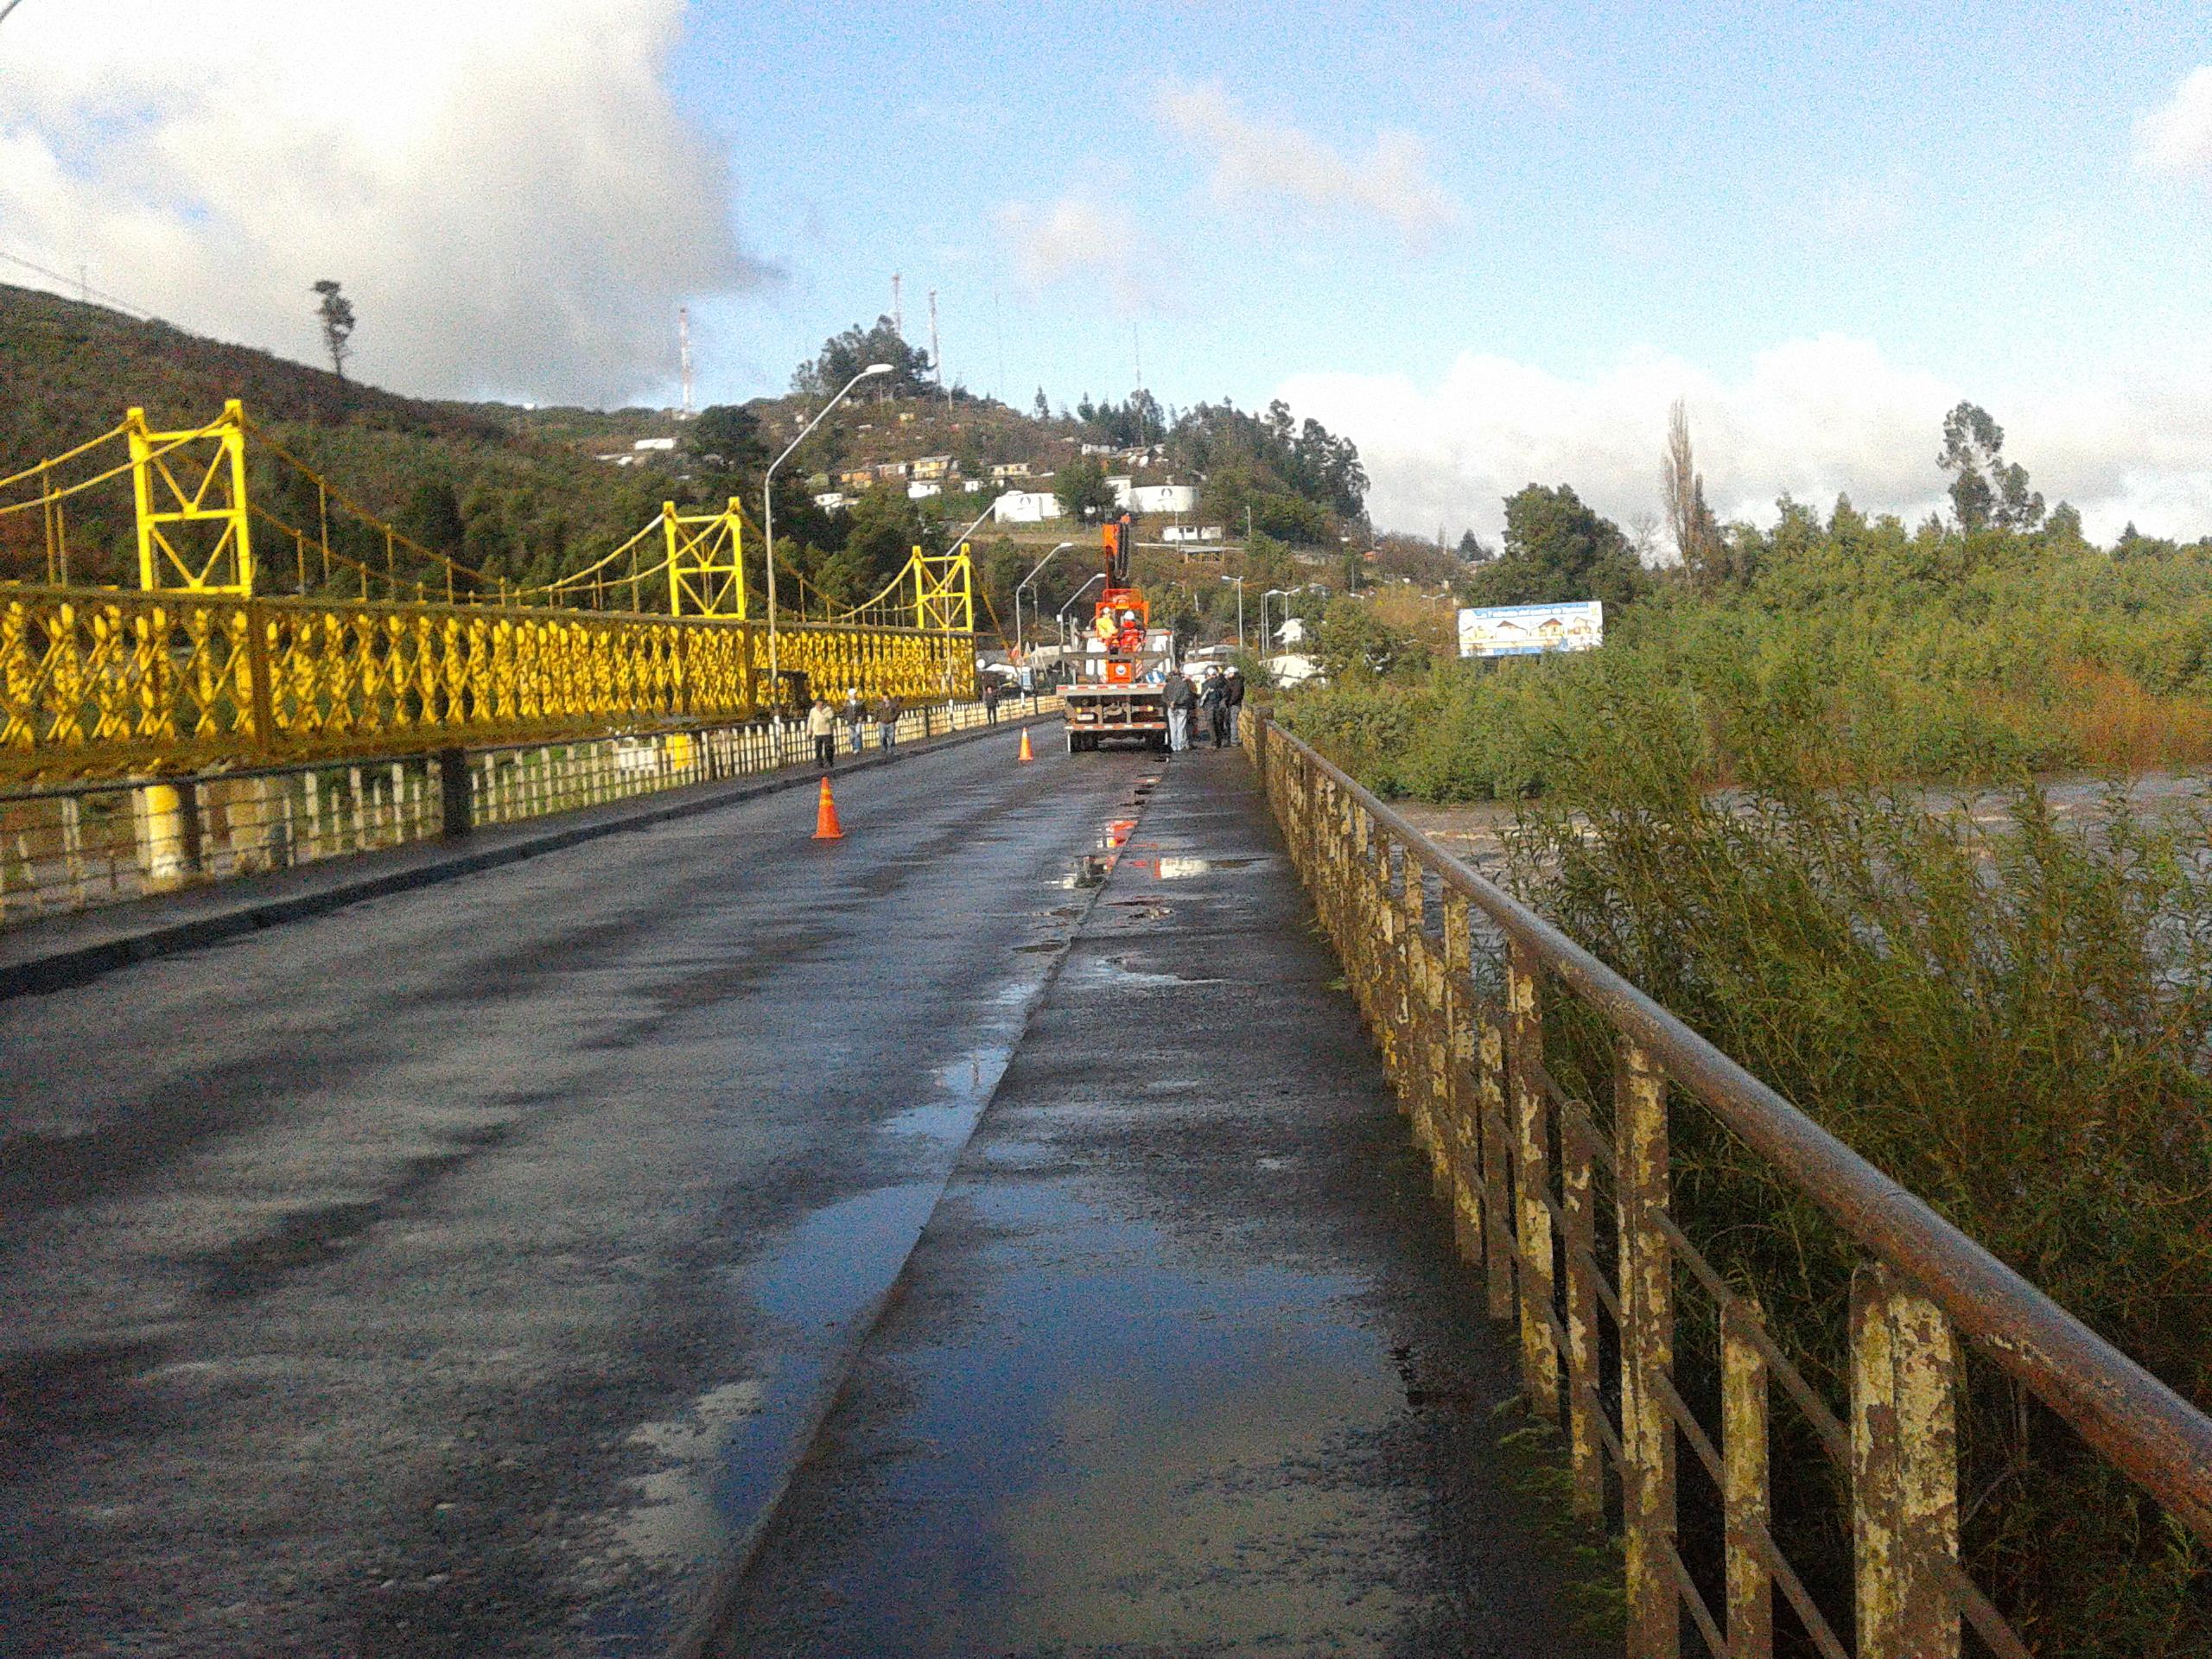 Puente que une a padre las casas con temuco ser cerrado este s bado - Exteriores puente viejo ...